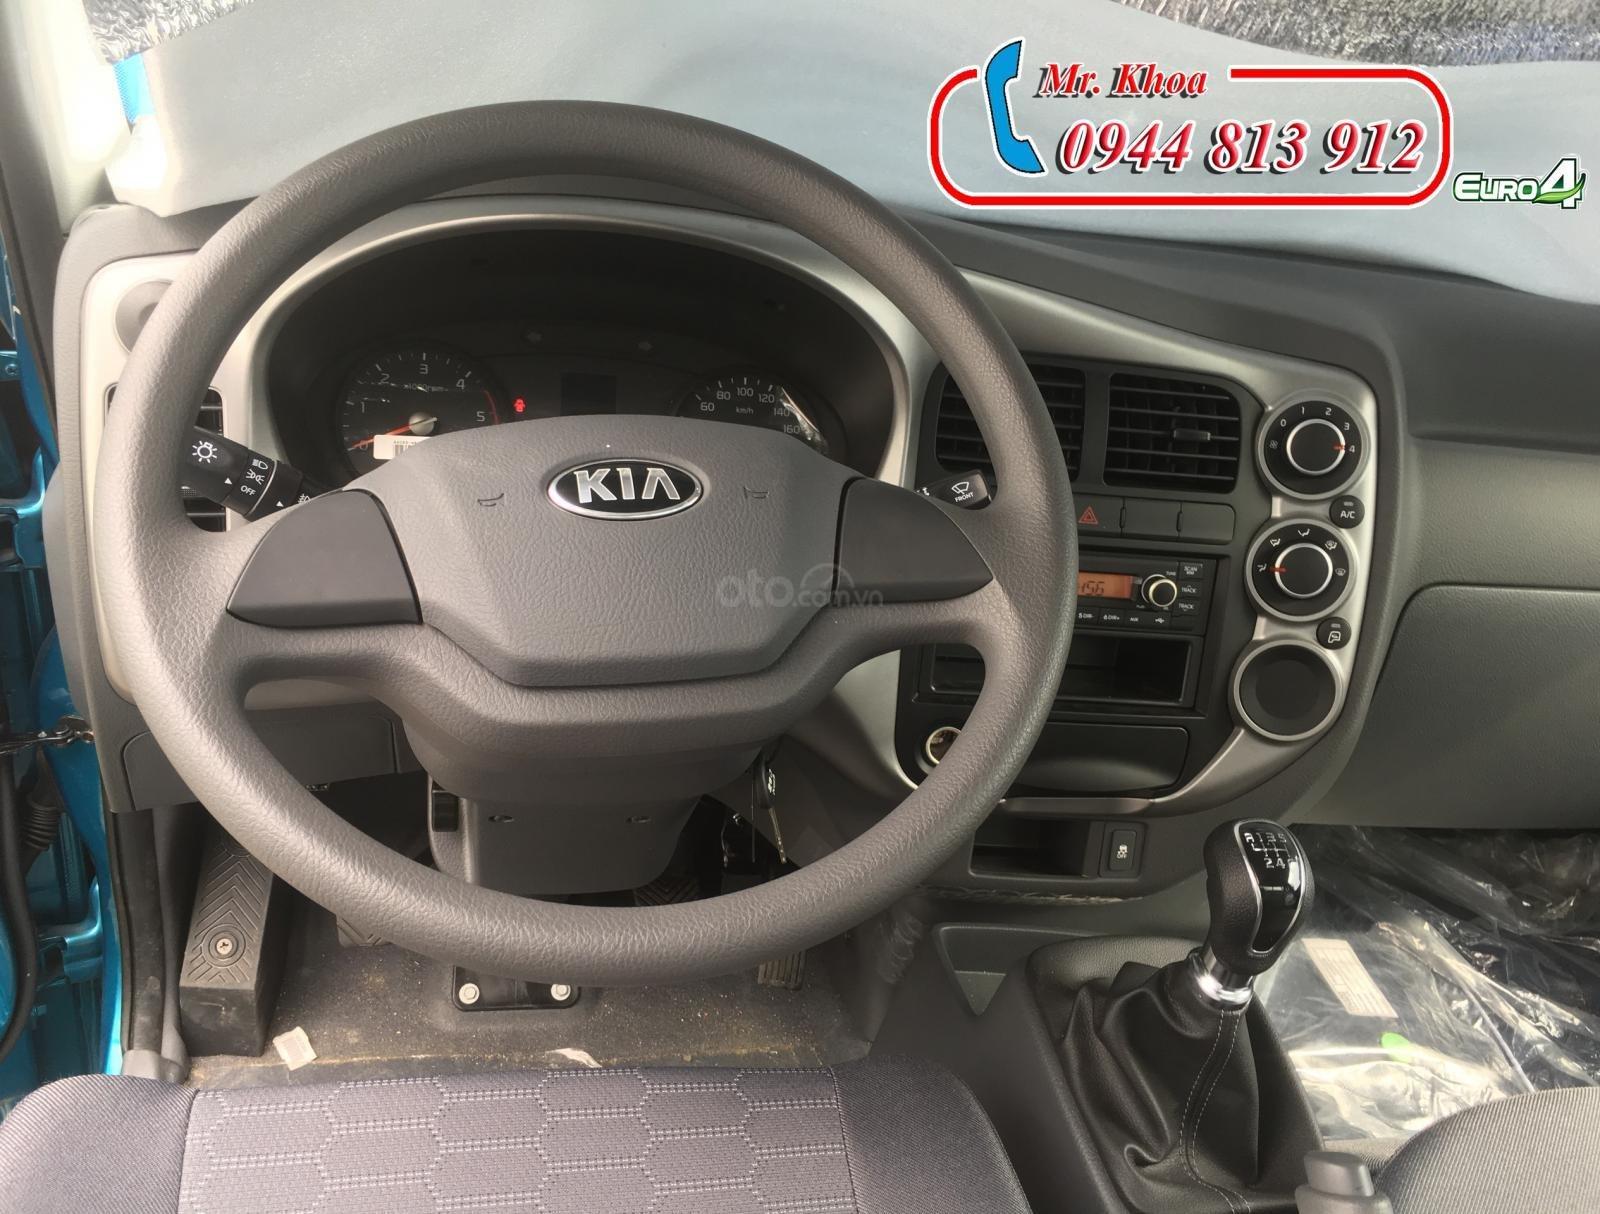 Bán Kia K250 động cơ Hyundai tải trọng 2.49 tấn, giá tốt tại Bình Dương, có hỗ trợ trả góp - LH: 0944.813.912 (6)